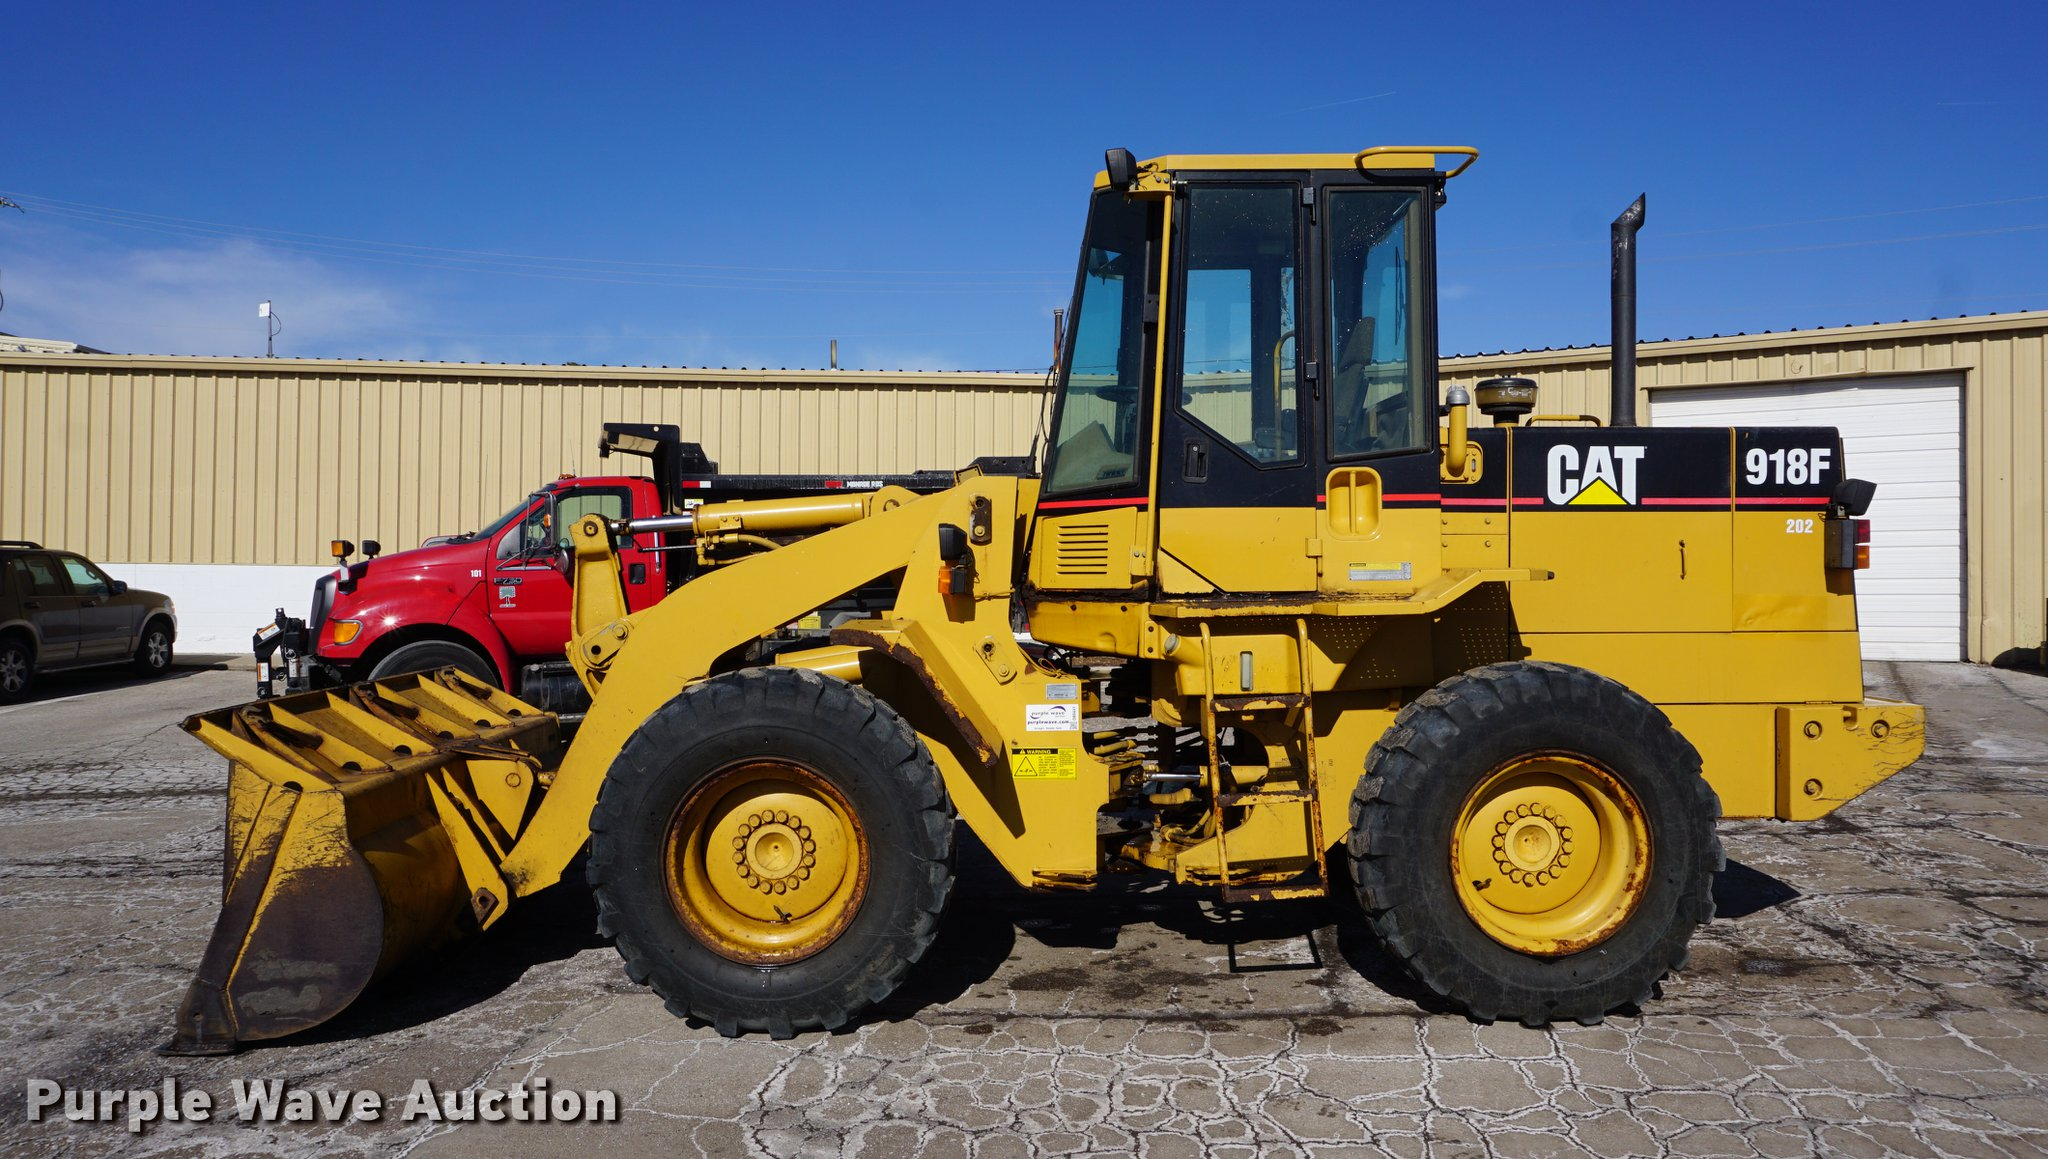 1994 Caterpillar 918F wheel loader | Item DB0441 | SOLD! Mar